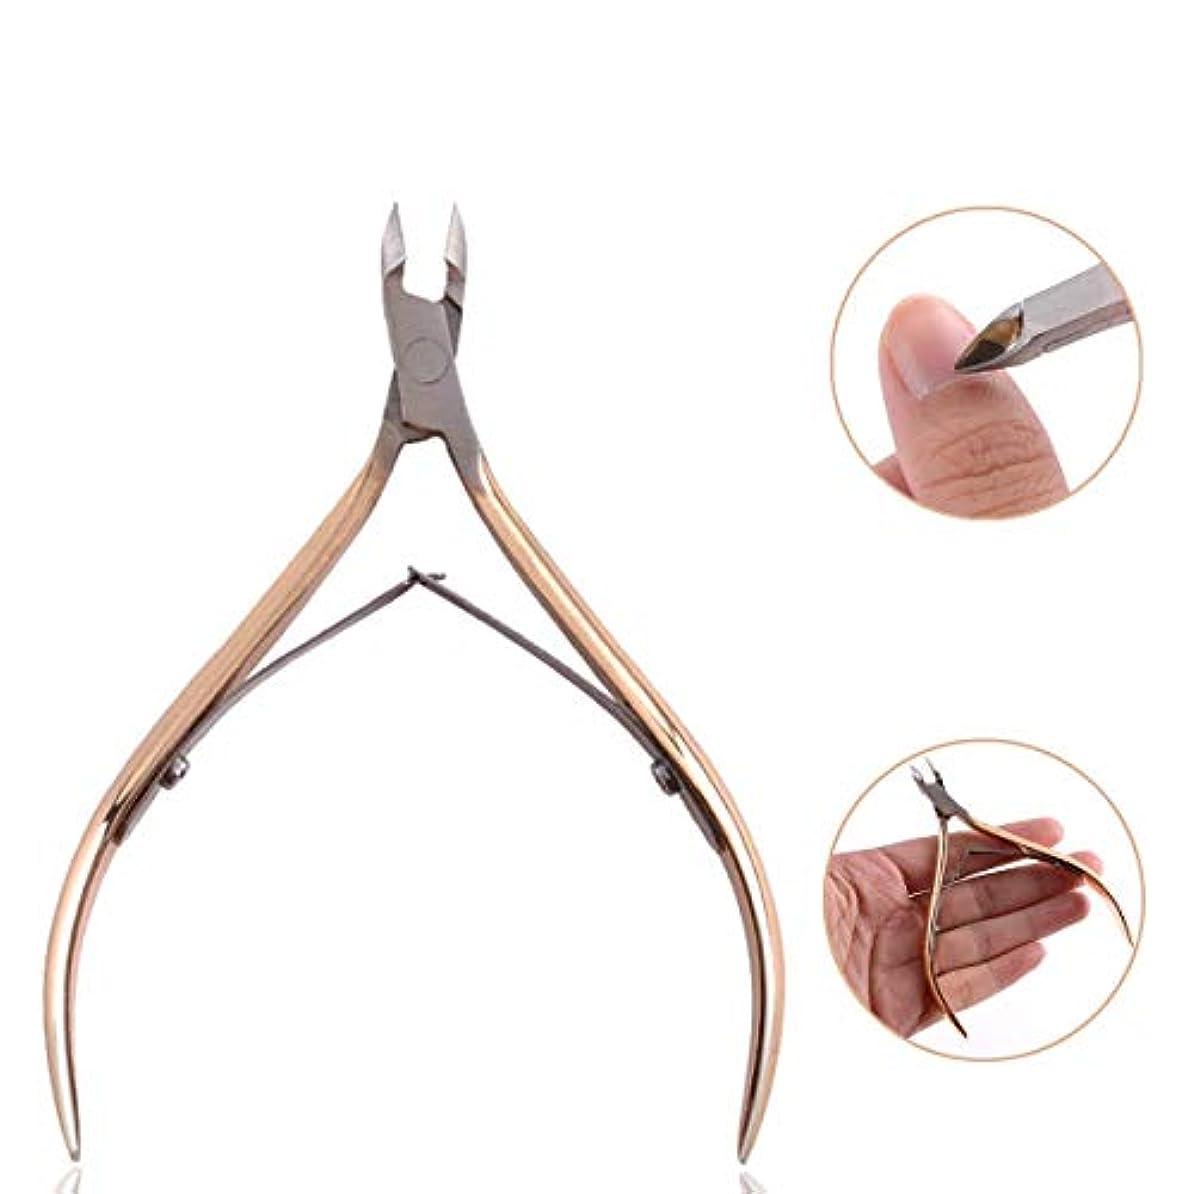 採用孤児空のニッパー爪切り 爪切り 甘皮切り ステンレス製 切れ味抜群 厚い爪 変形爪 陥入爪 巻き爪に 水虫爪最適 高齢者 医療 介護 高品質 ギフト